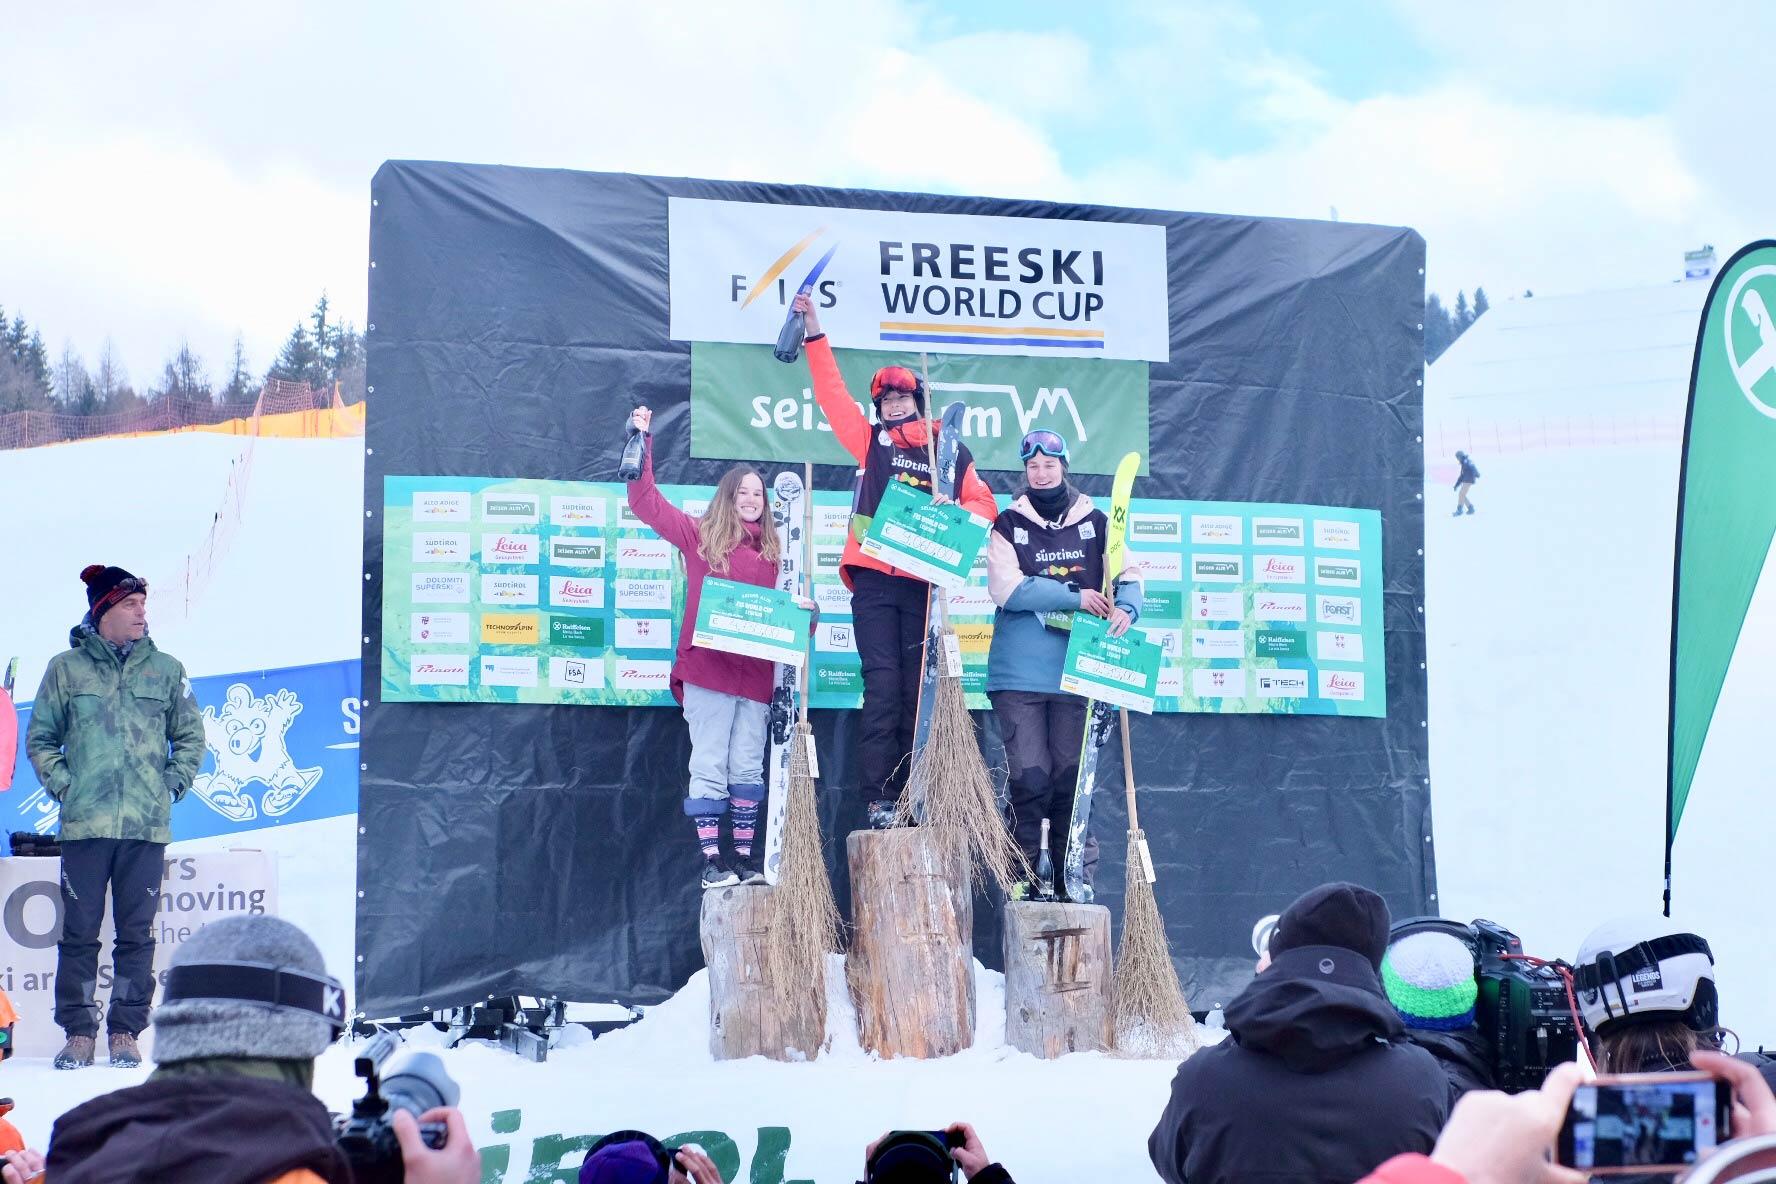 Die drei besten Frauen beim Slopestyle Weltcup auf der Seiser Alm 2019: Megan Oldham, Eileen Gu & Julia Krass (v.l.n.r.) - Foto: Seiser Alm